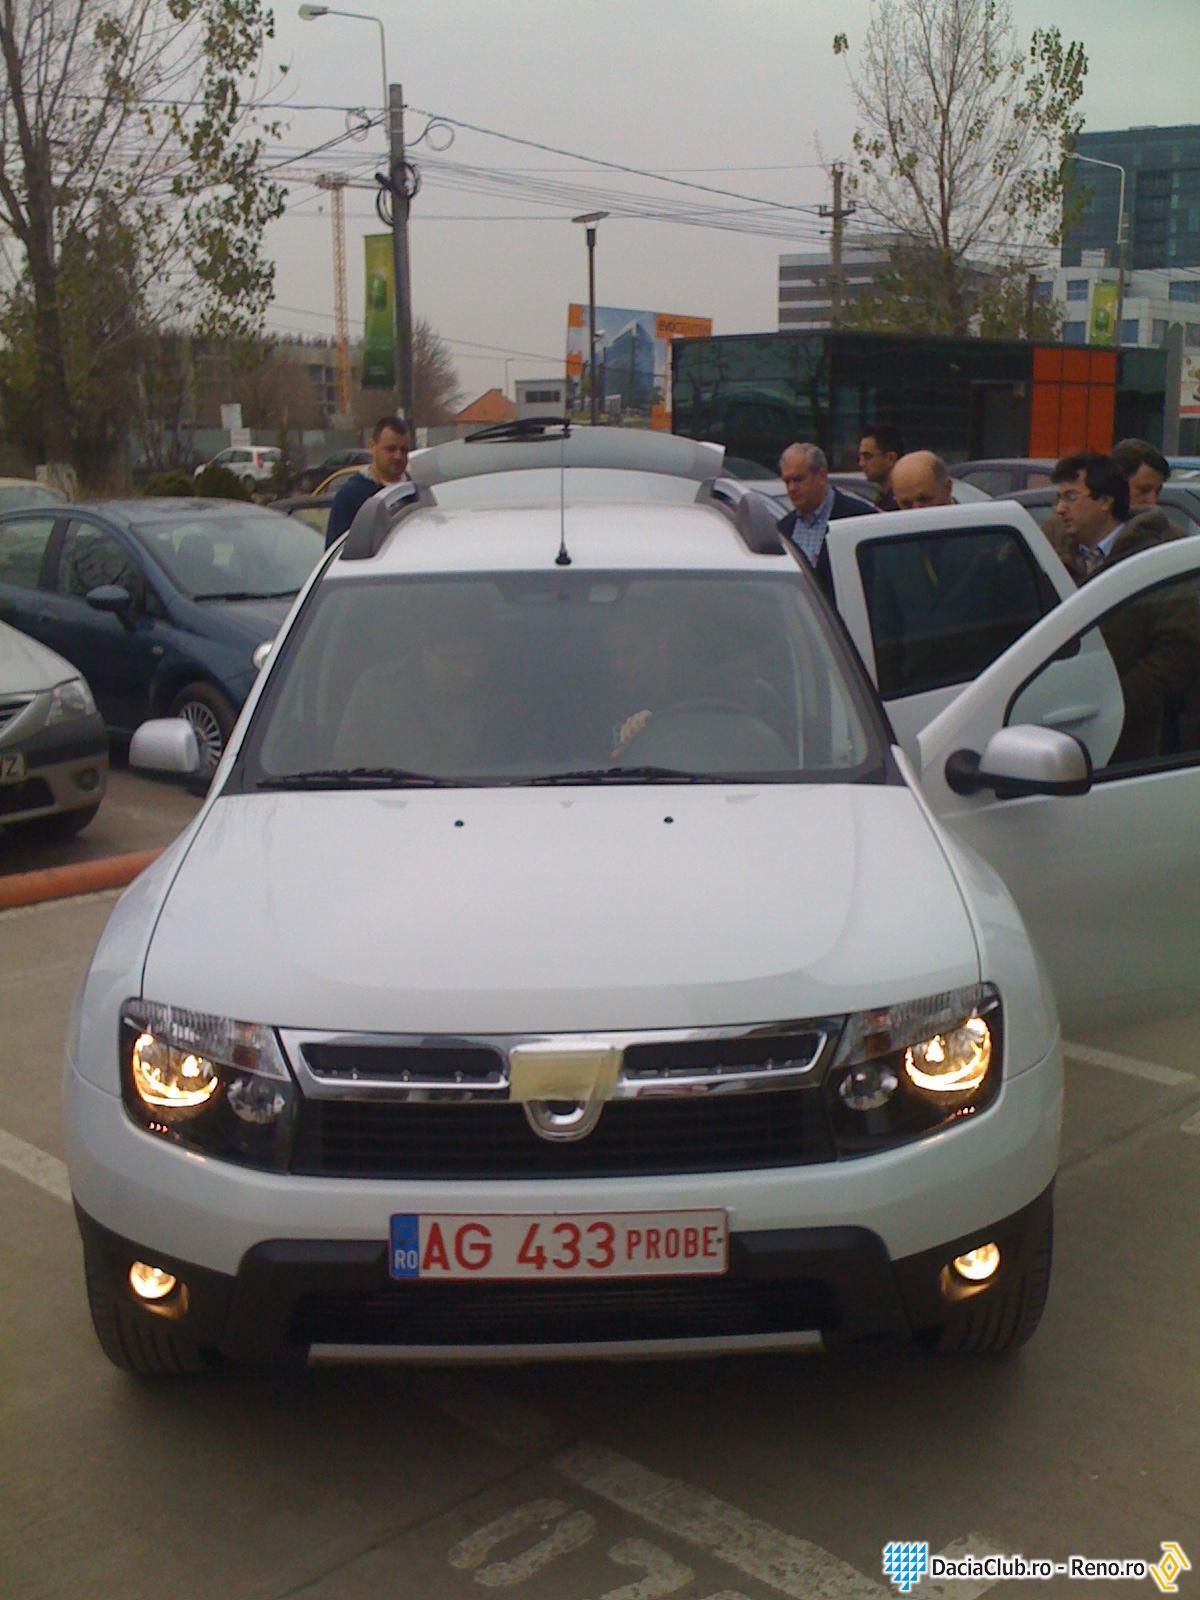 Per Dacia Duster, il SUV Low-Cost, si parte da 11.900 euro